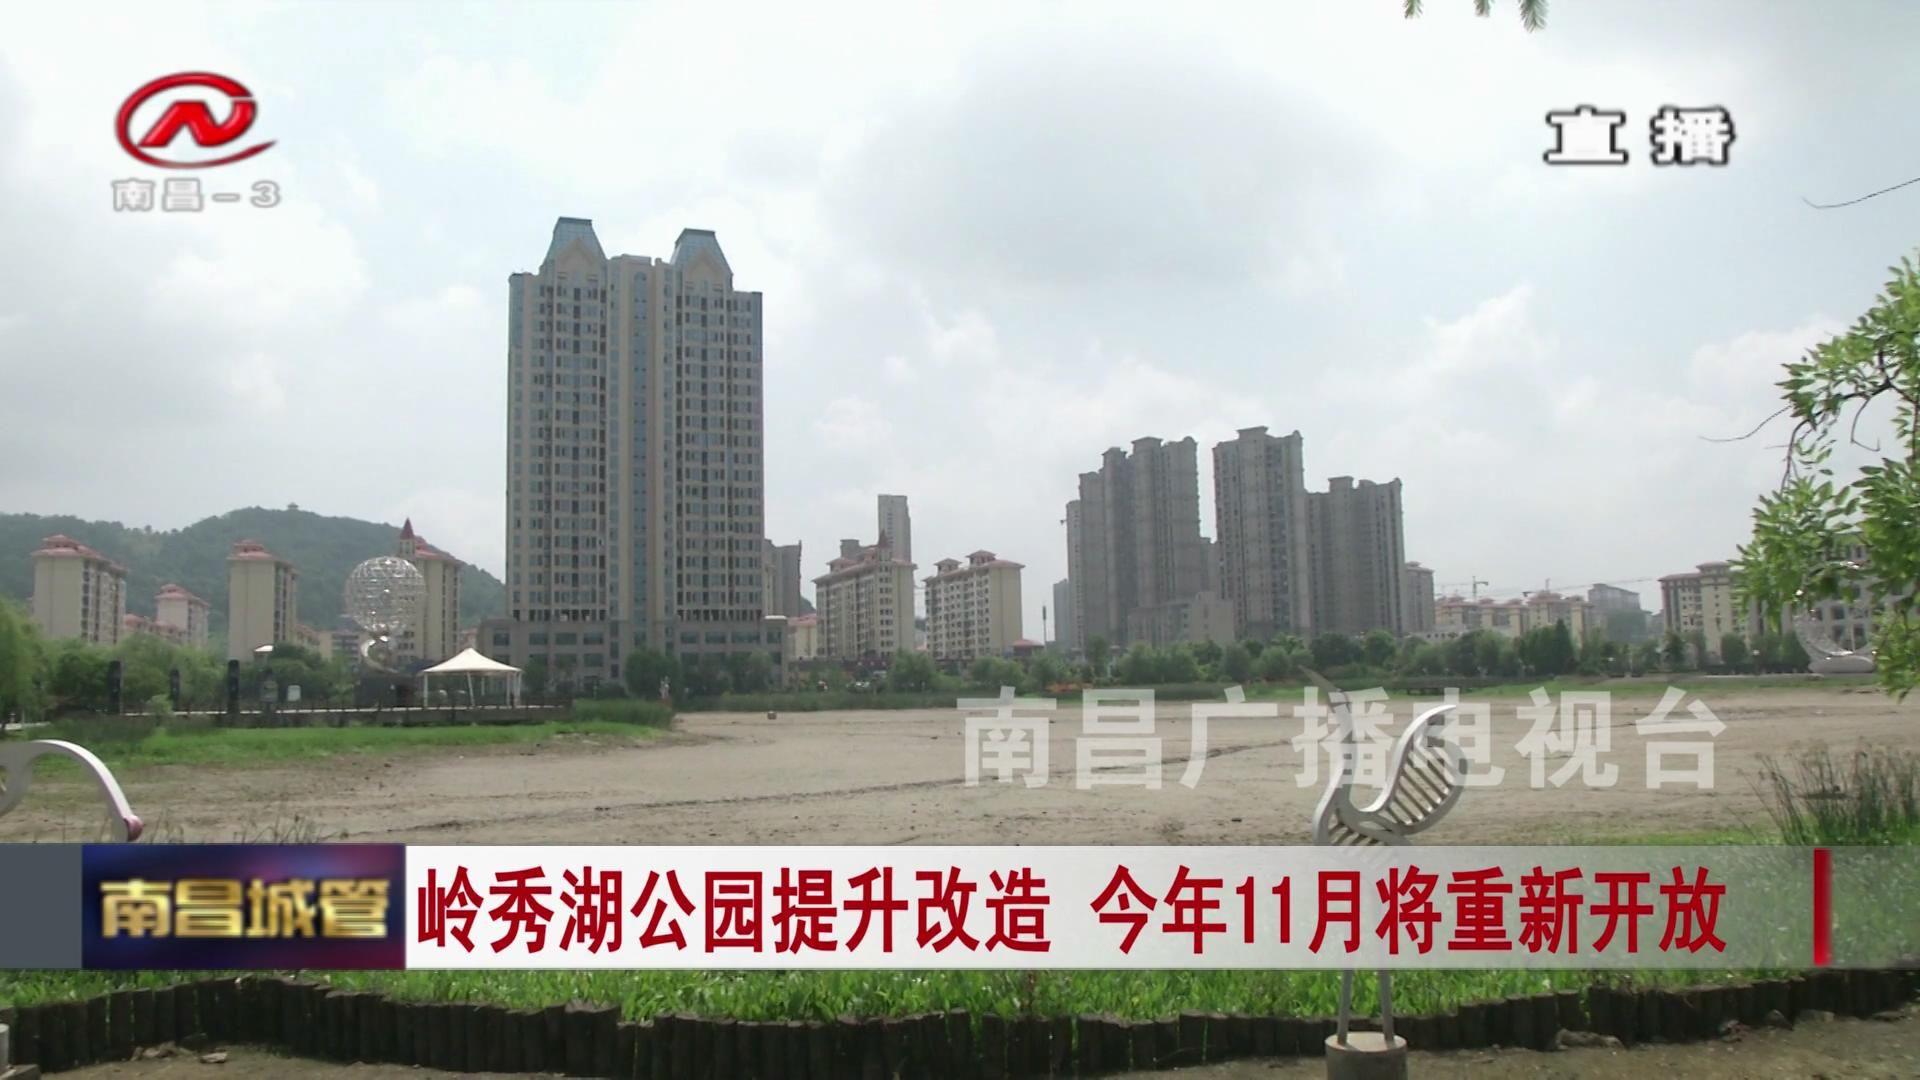 【城管新闻】岭秀湖公园提升改造 今年11月将重新开放